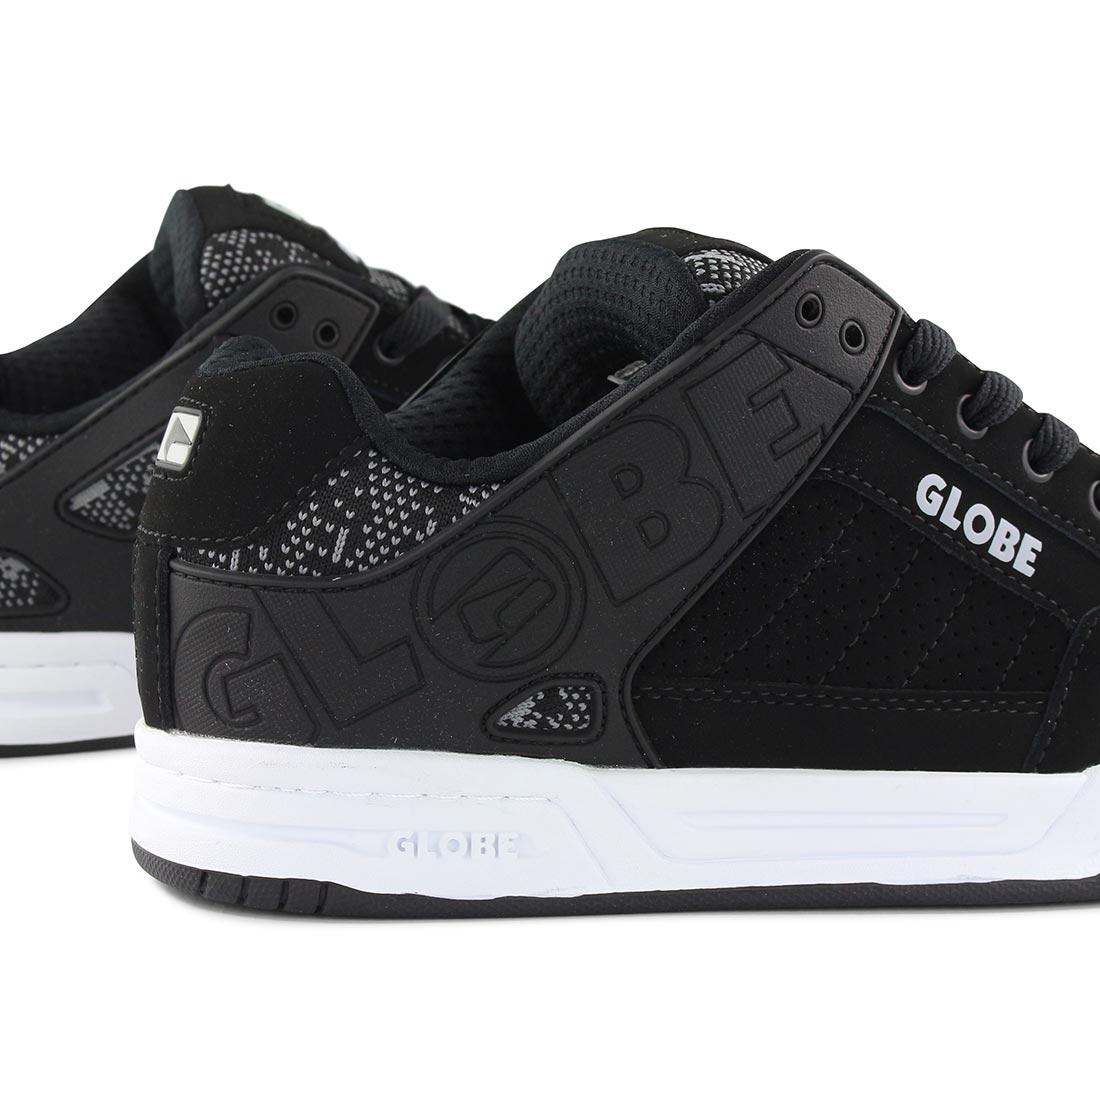 fe259e6034e6 ... Globe-Tilt-Shoes-Black-Jacquard- ...